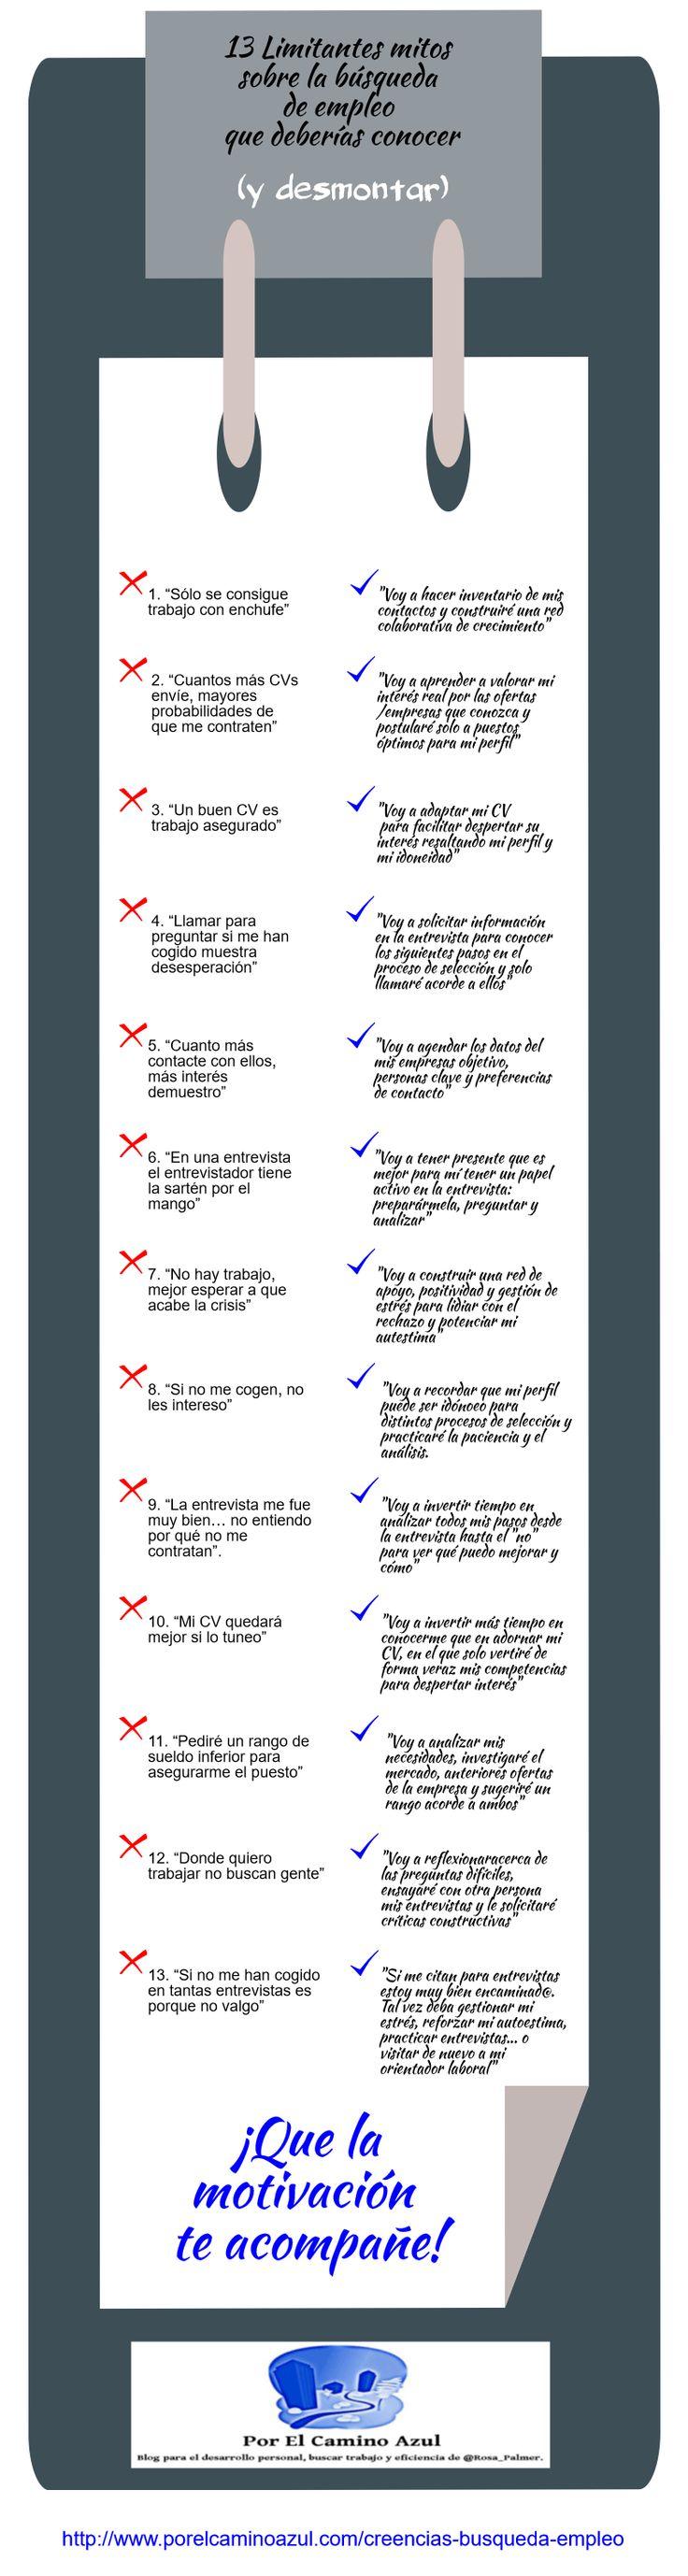 13 creencias que limitan tu Búsqueda de #Empleo #infografía